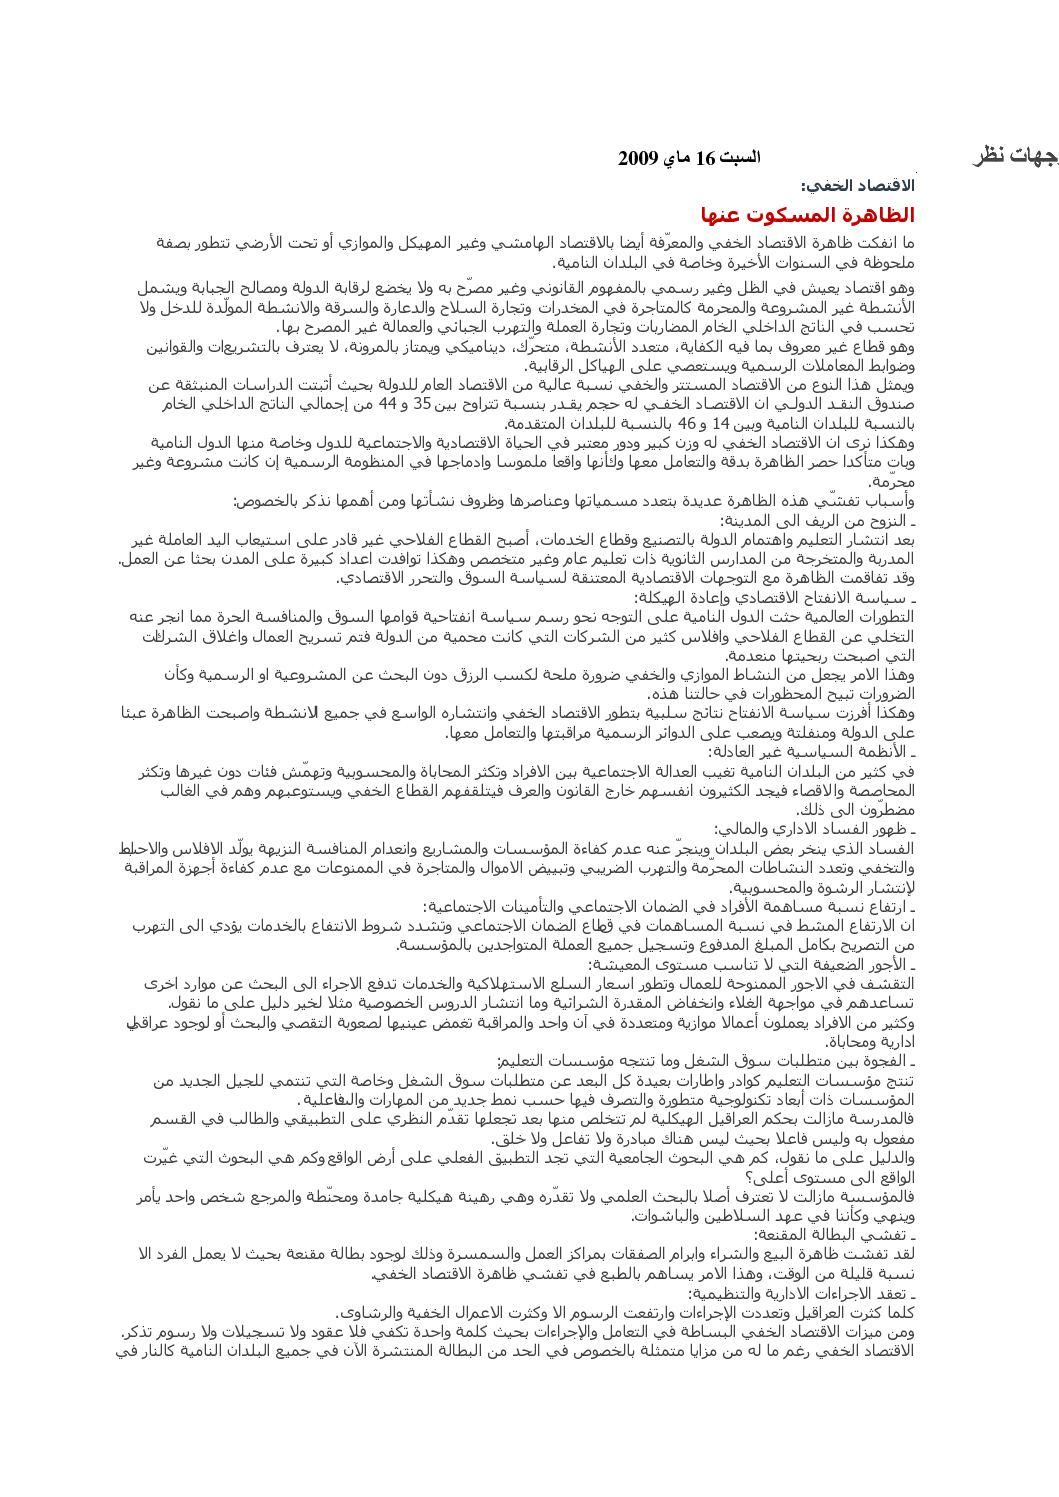 الاقتصاد الخفي الظاهرة المسكوت عنها  عزالدين مبارك